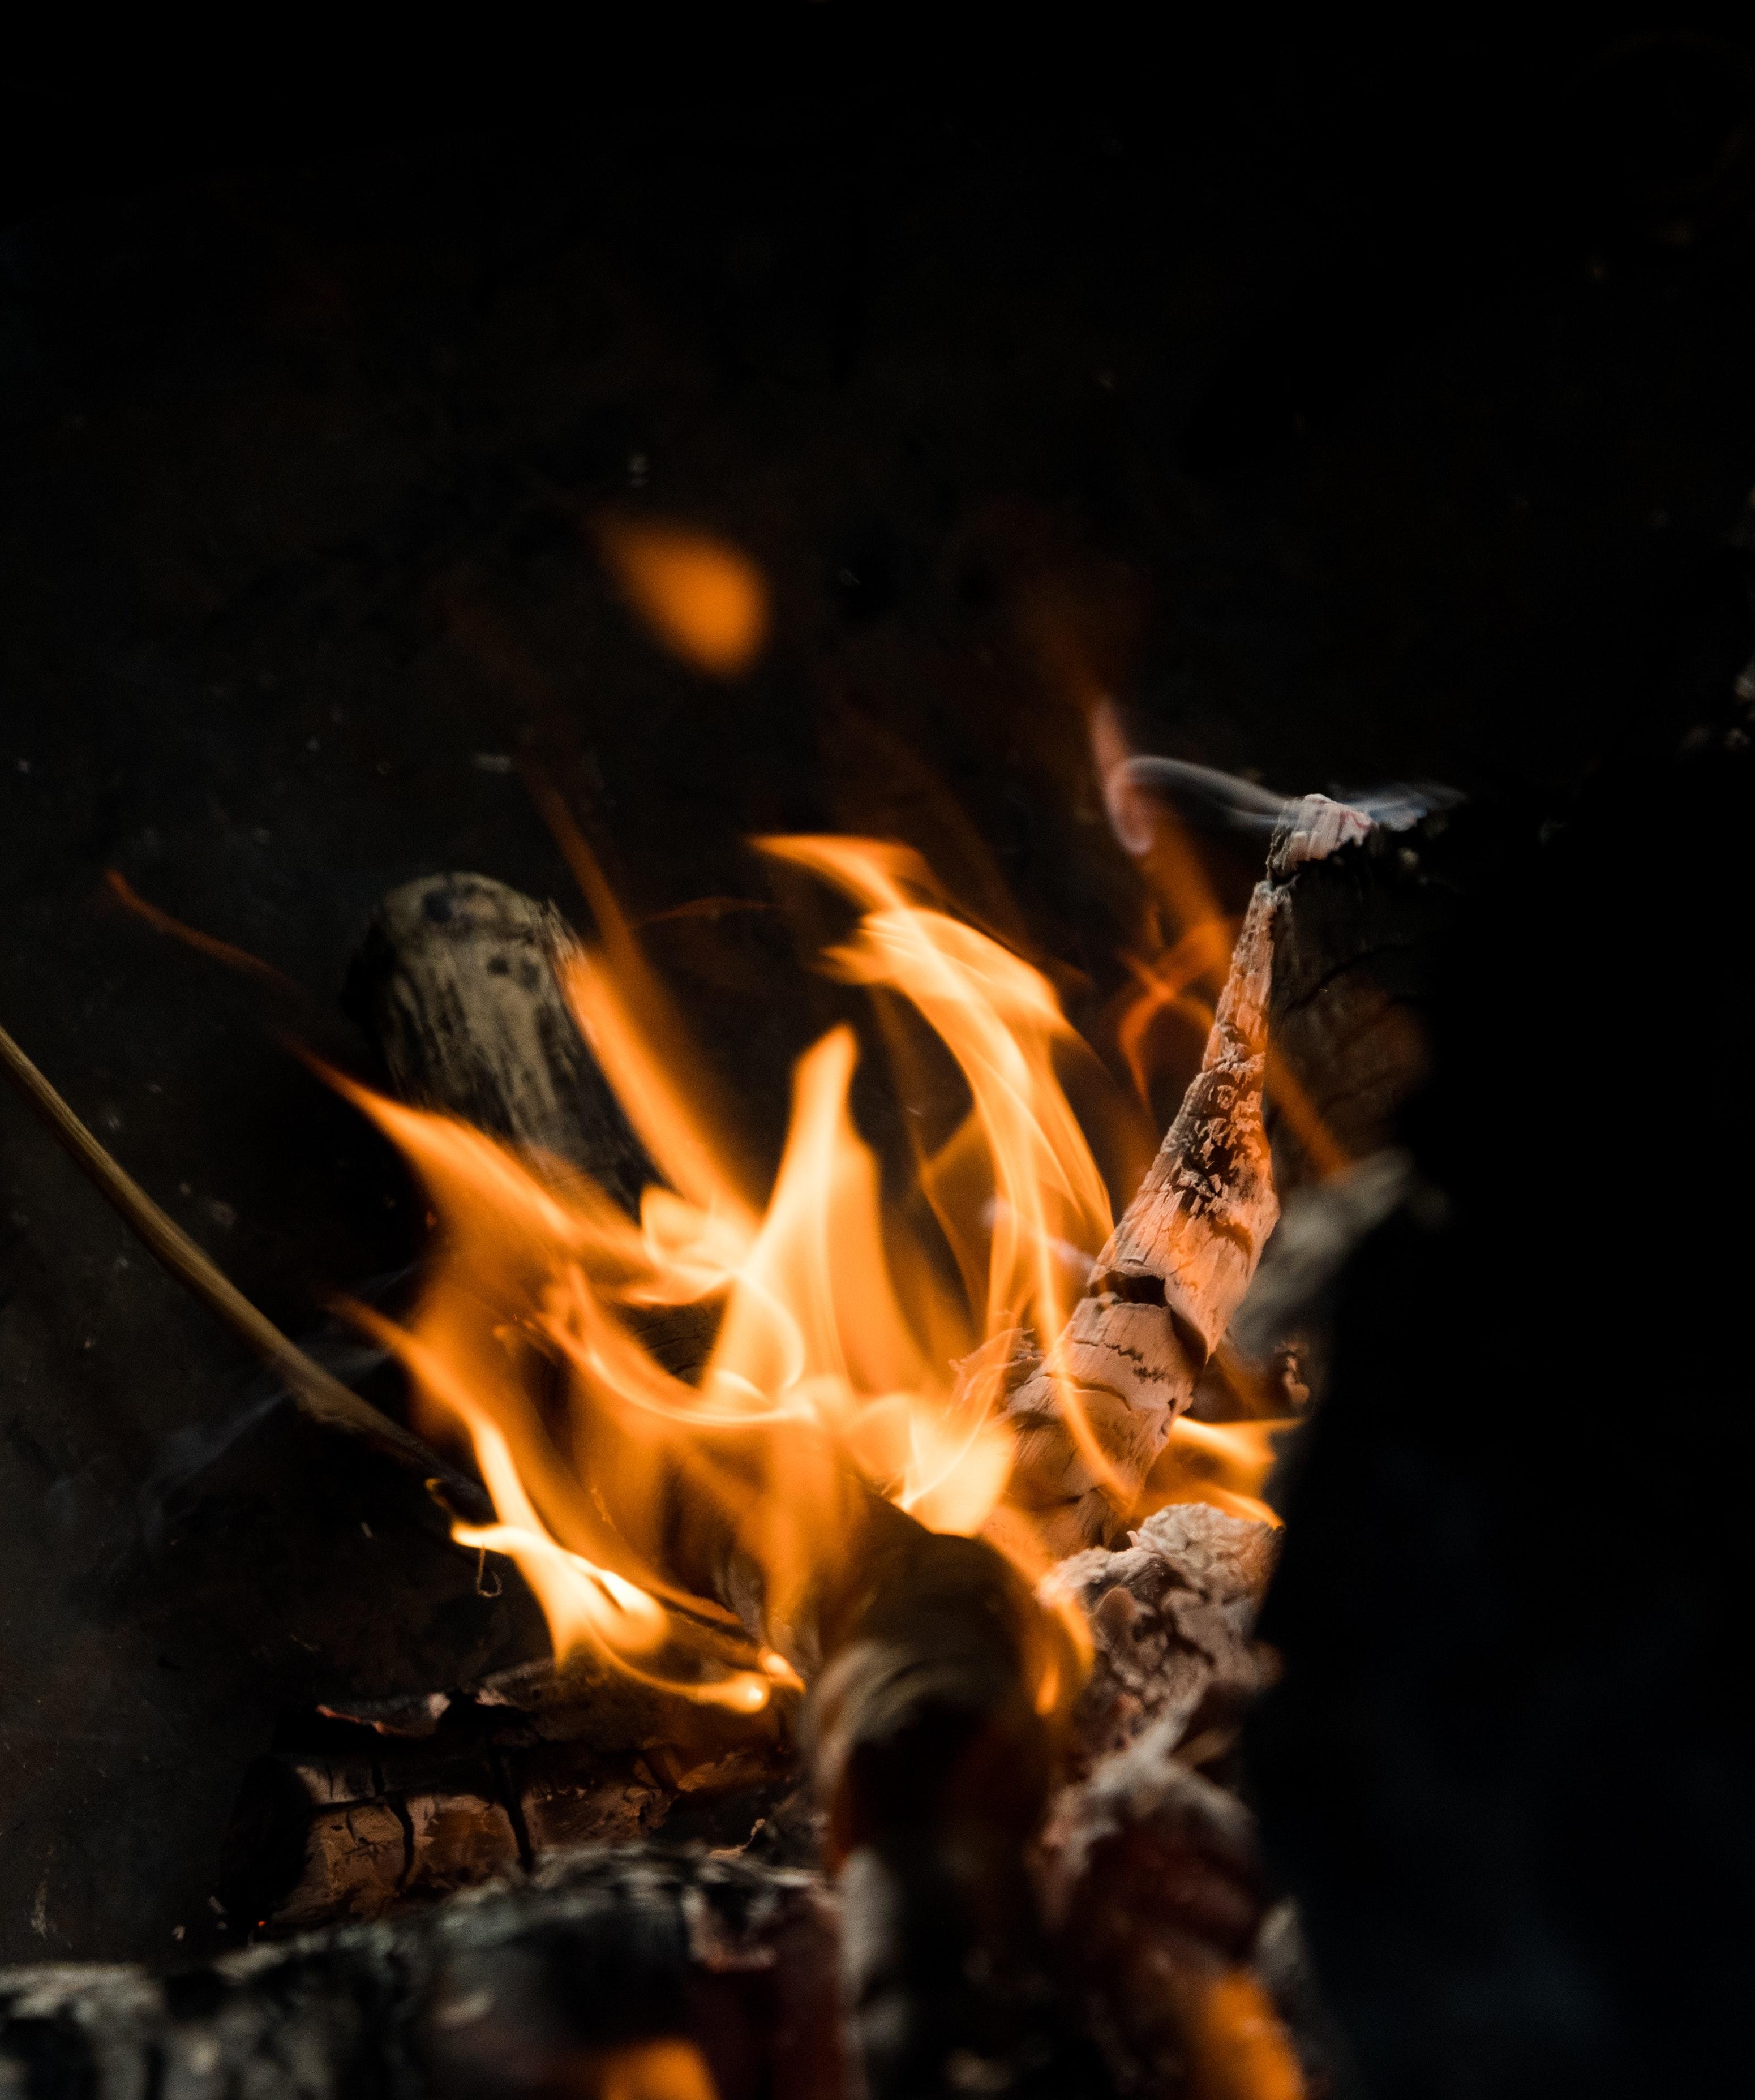 Background lửa cháy